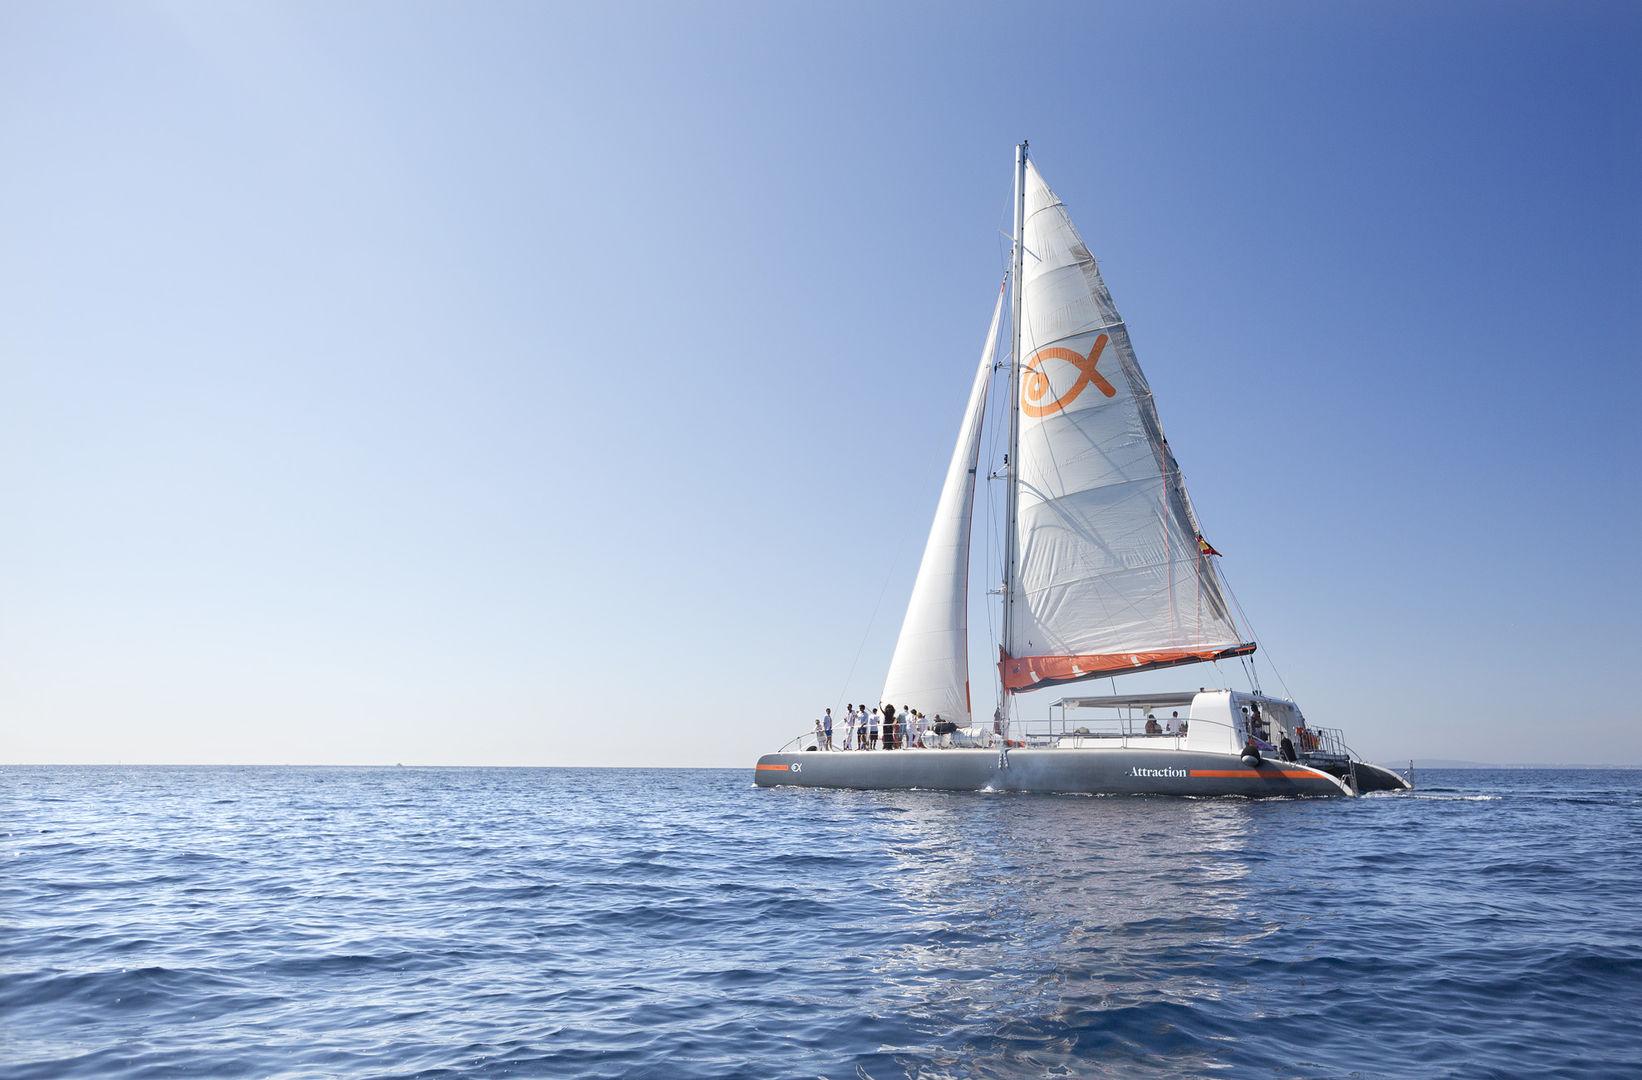 Mallorca Catamaran excursion